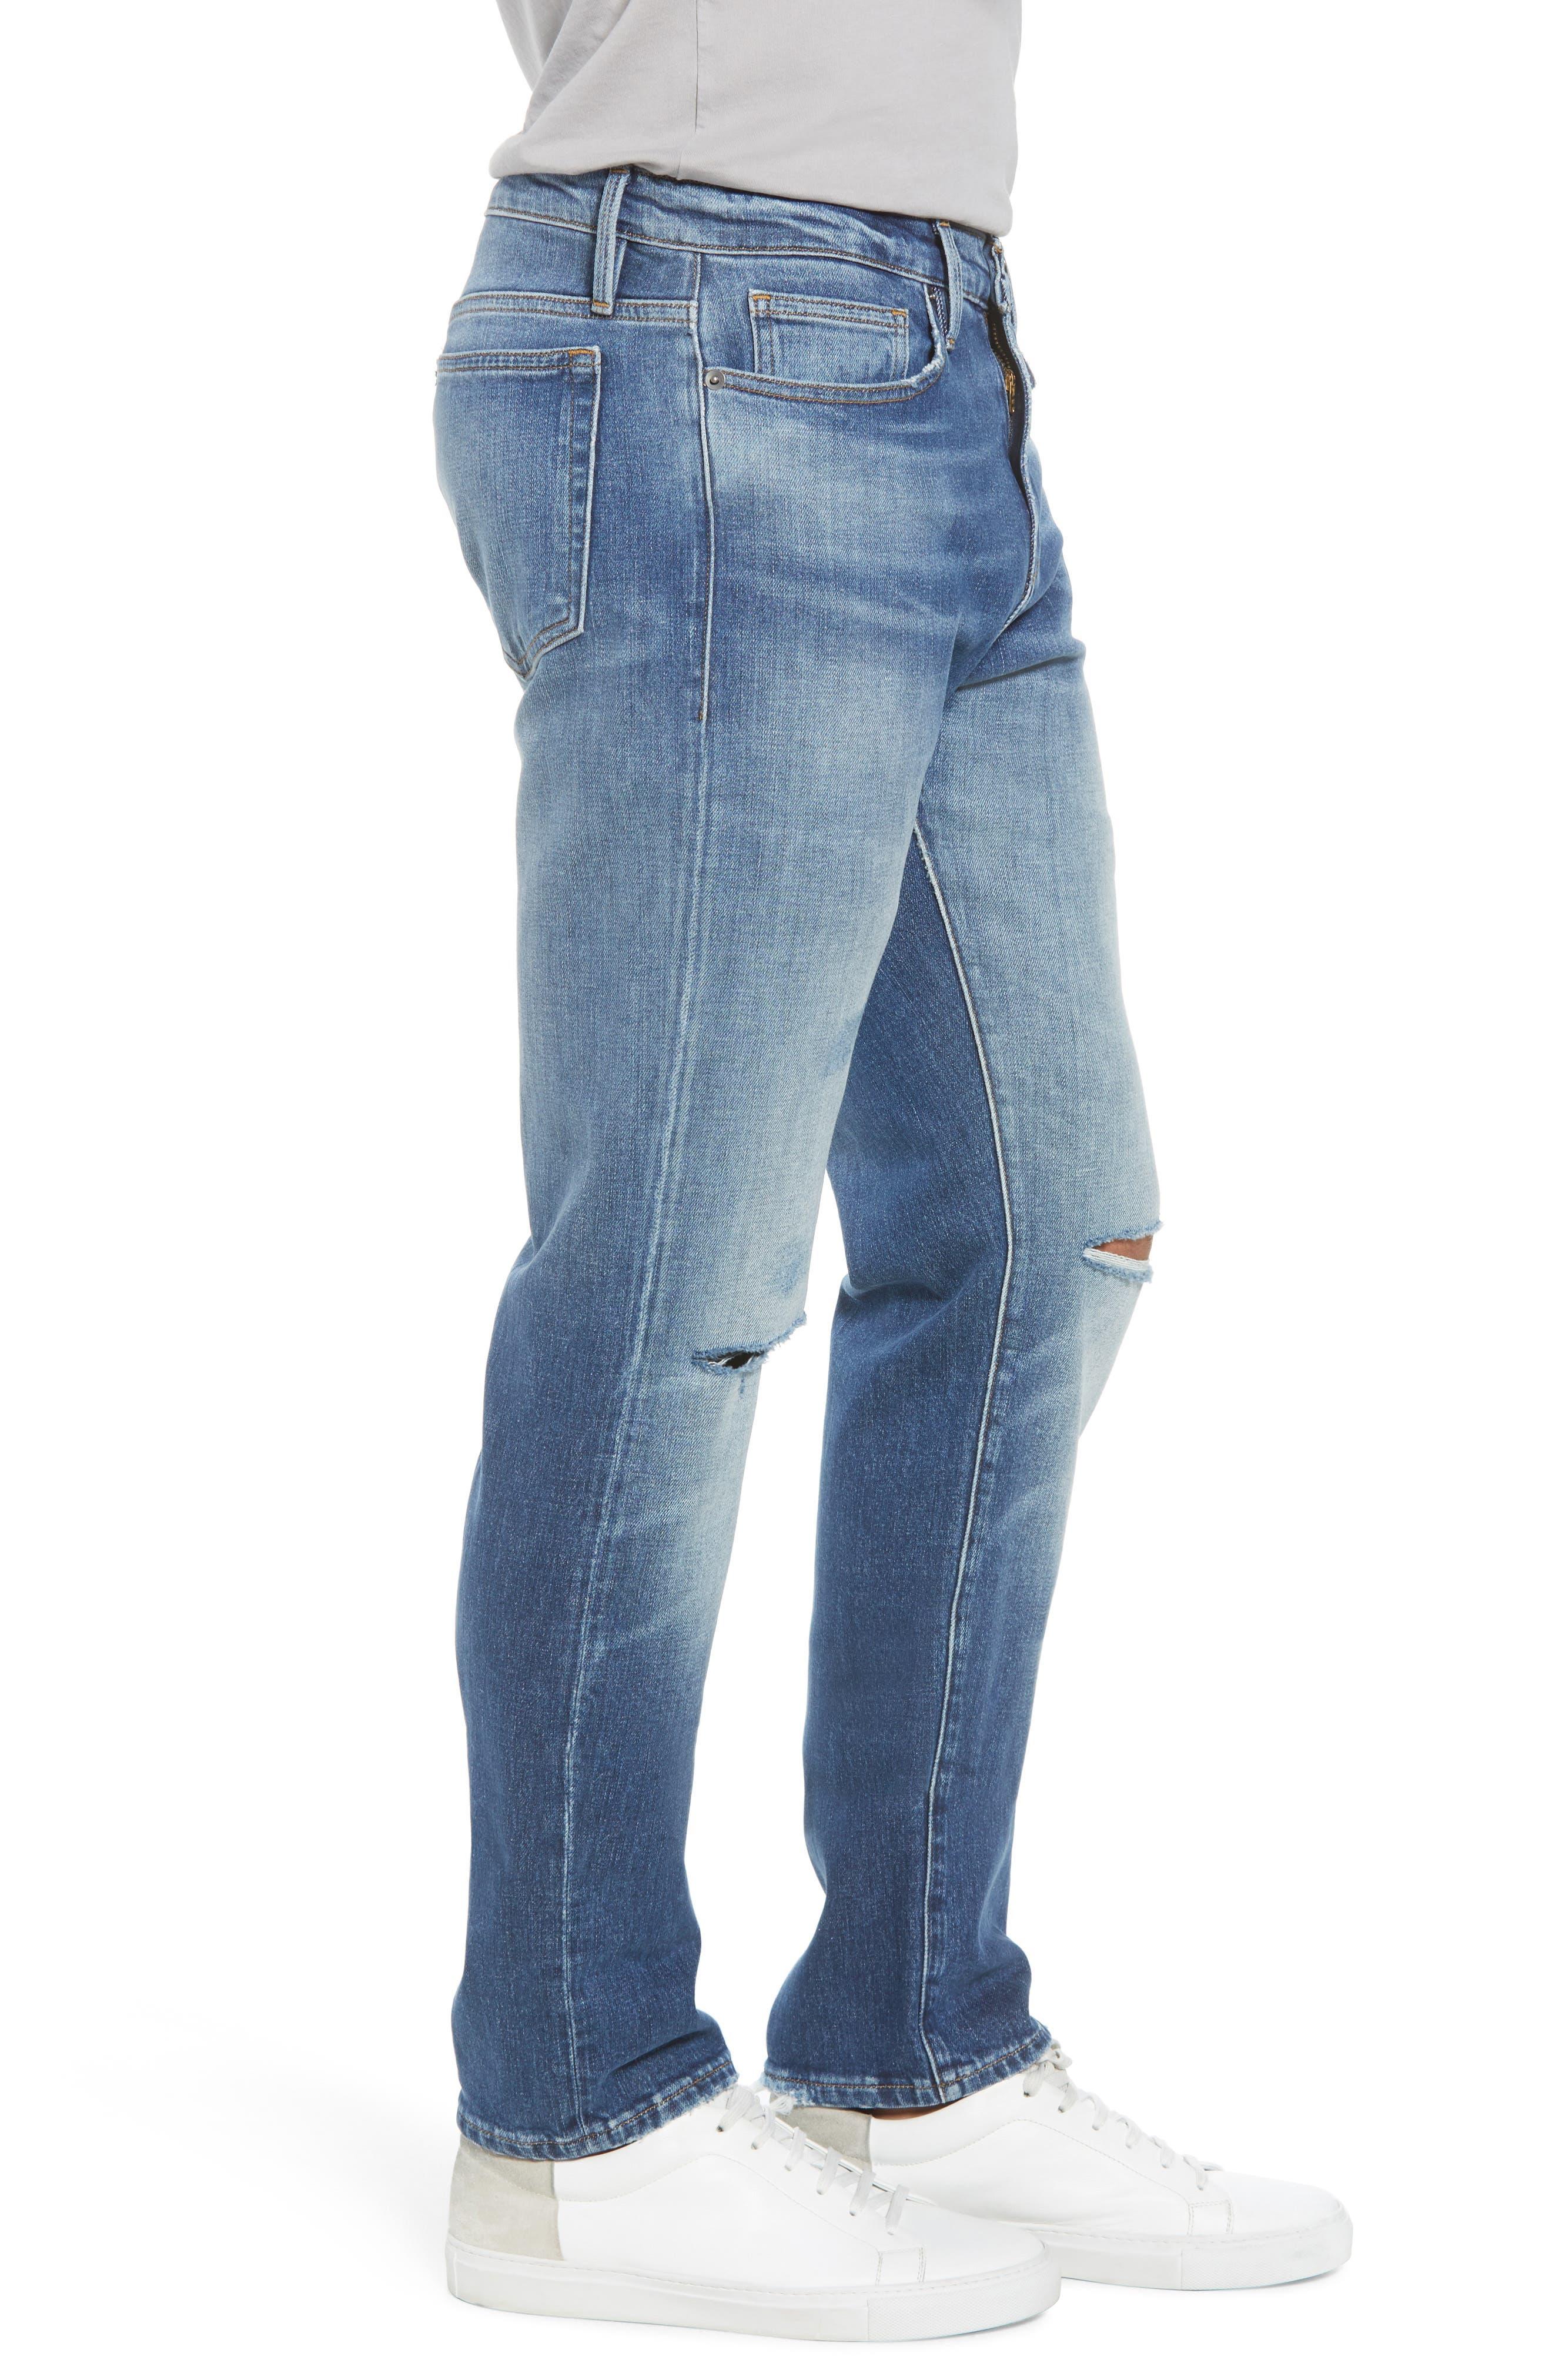 L'Homme Slim Fit Jeans,                             Alternate thumbnail 3, color,                             Yucca